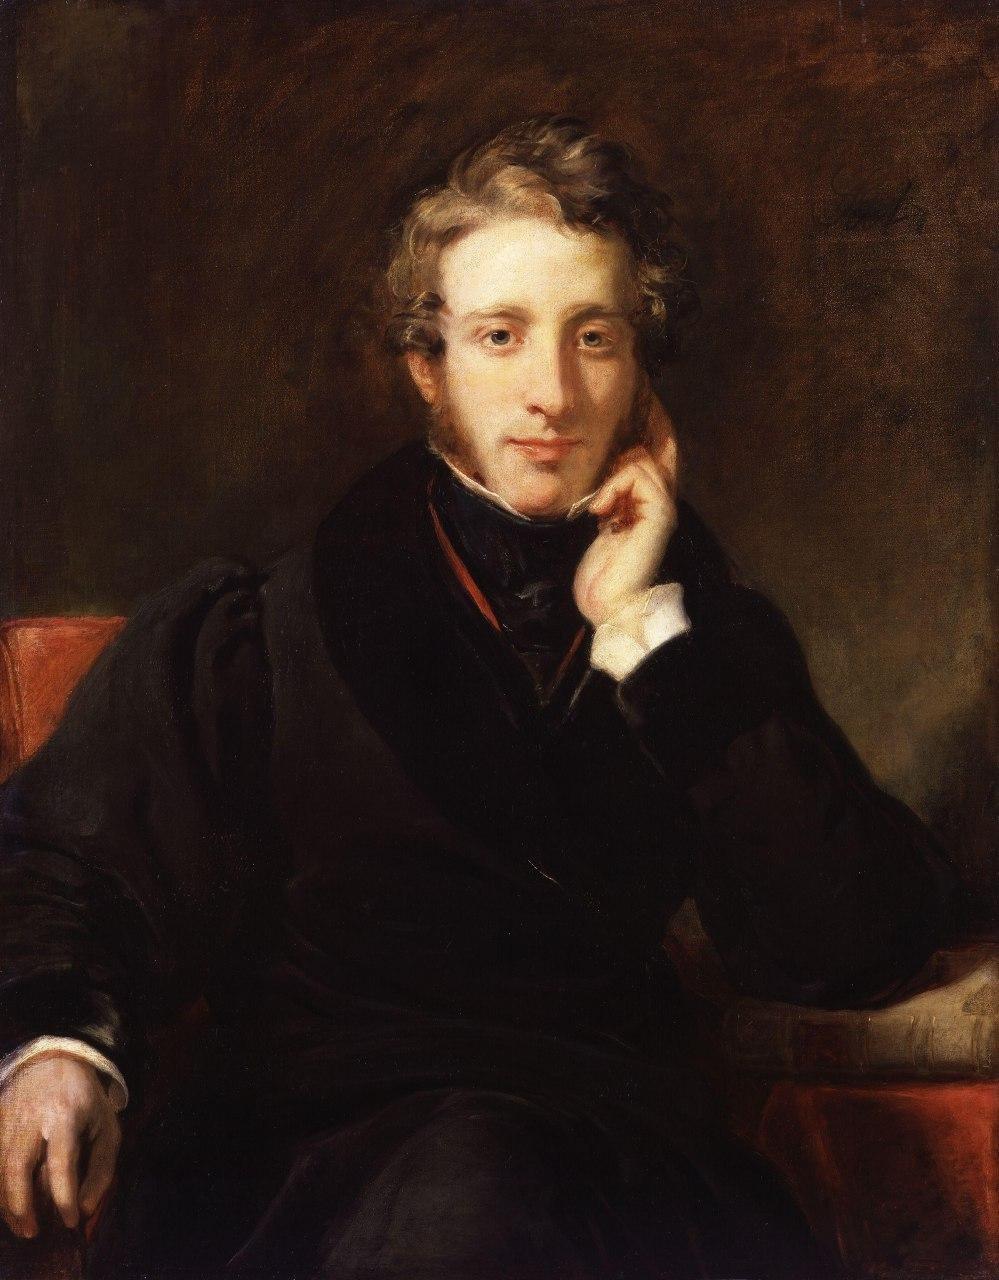 25 мая 1803 года родился Эдвард Джордж Эрл Бульвер-Литтон